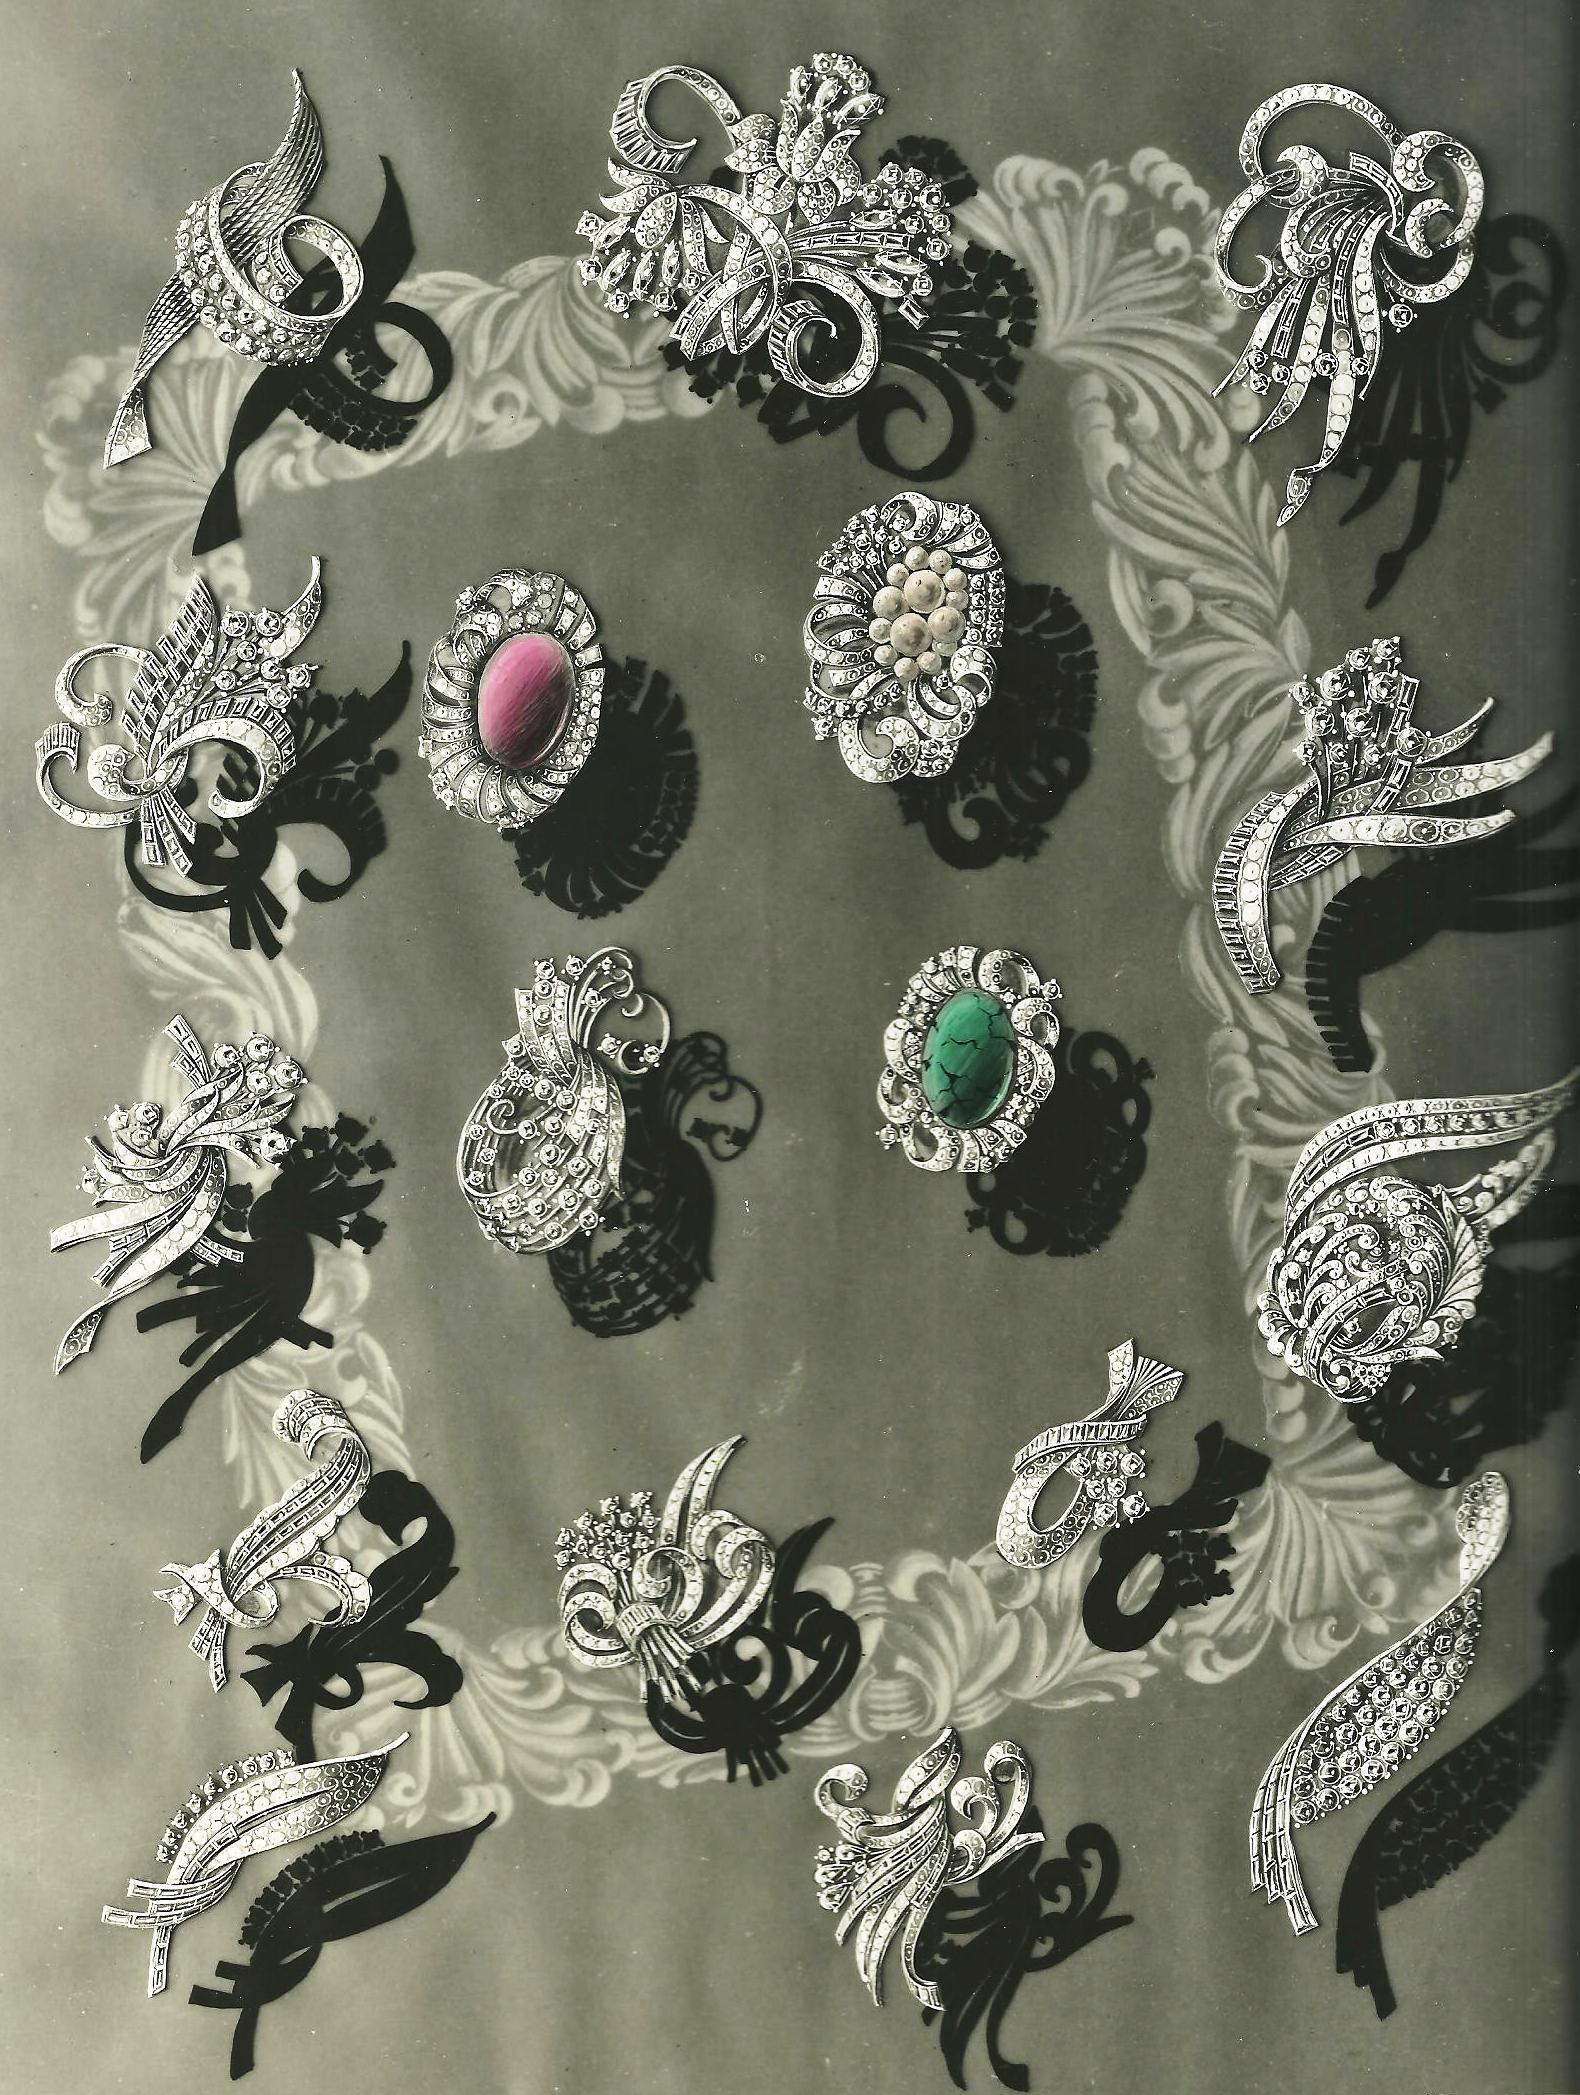 Bijoux Vintage Annee 50 : Bijoux style ann?e